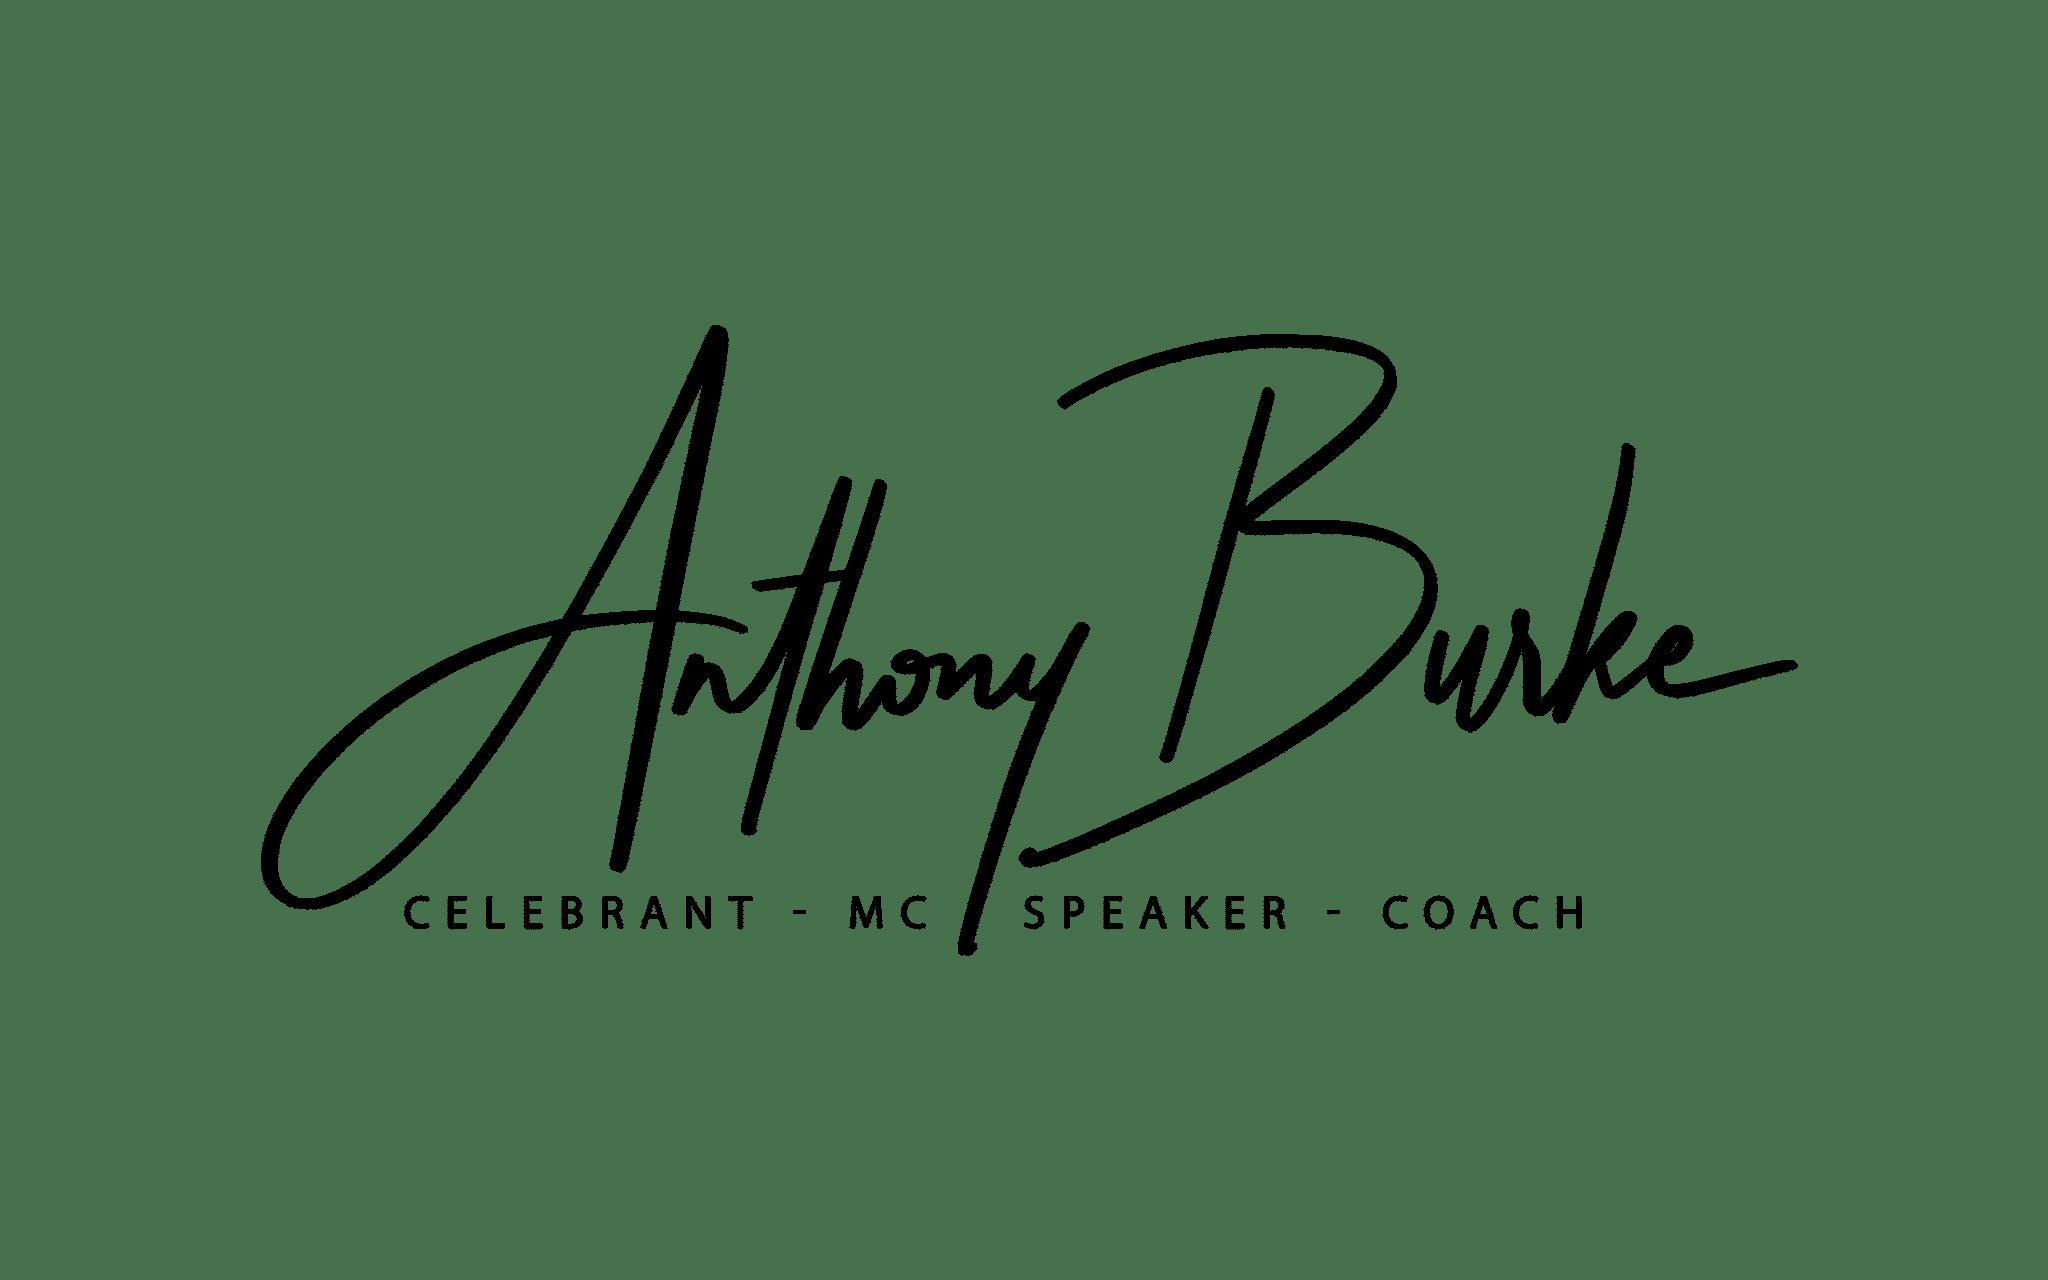 Anthony Burke, Celebrant, MC, Speaker